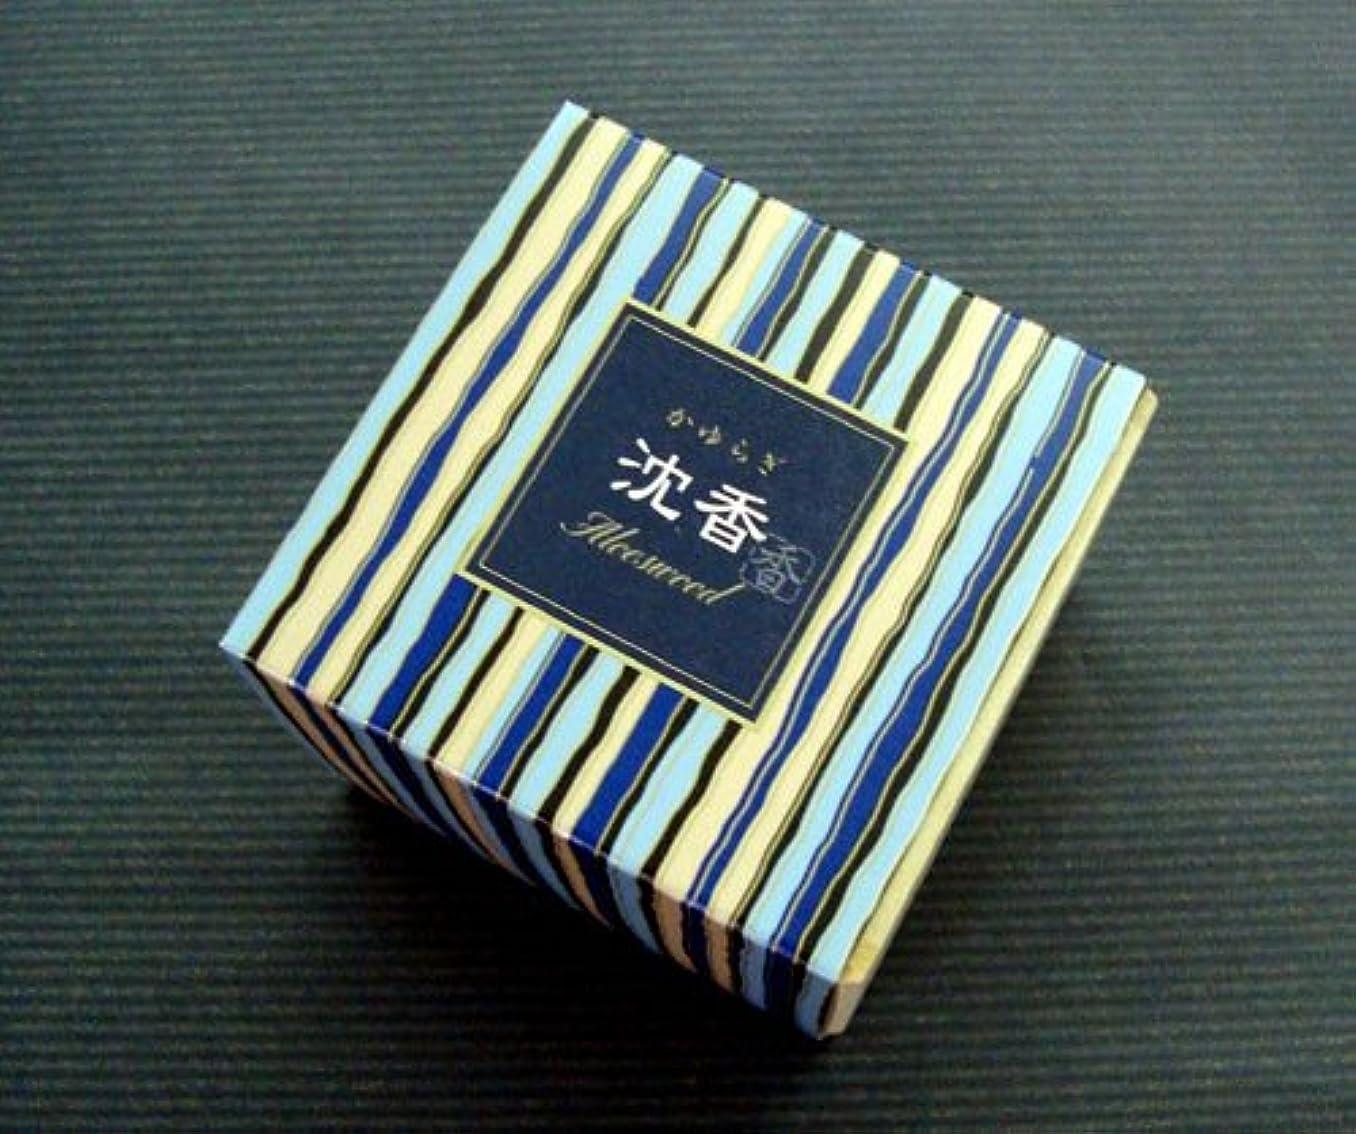 締める防水変成器香木沈香の香り 日本香堂【かゆらぎ沈香 コーン12個入】香立付 【お香】